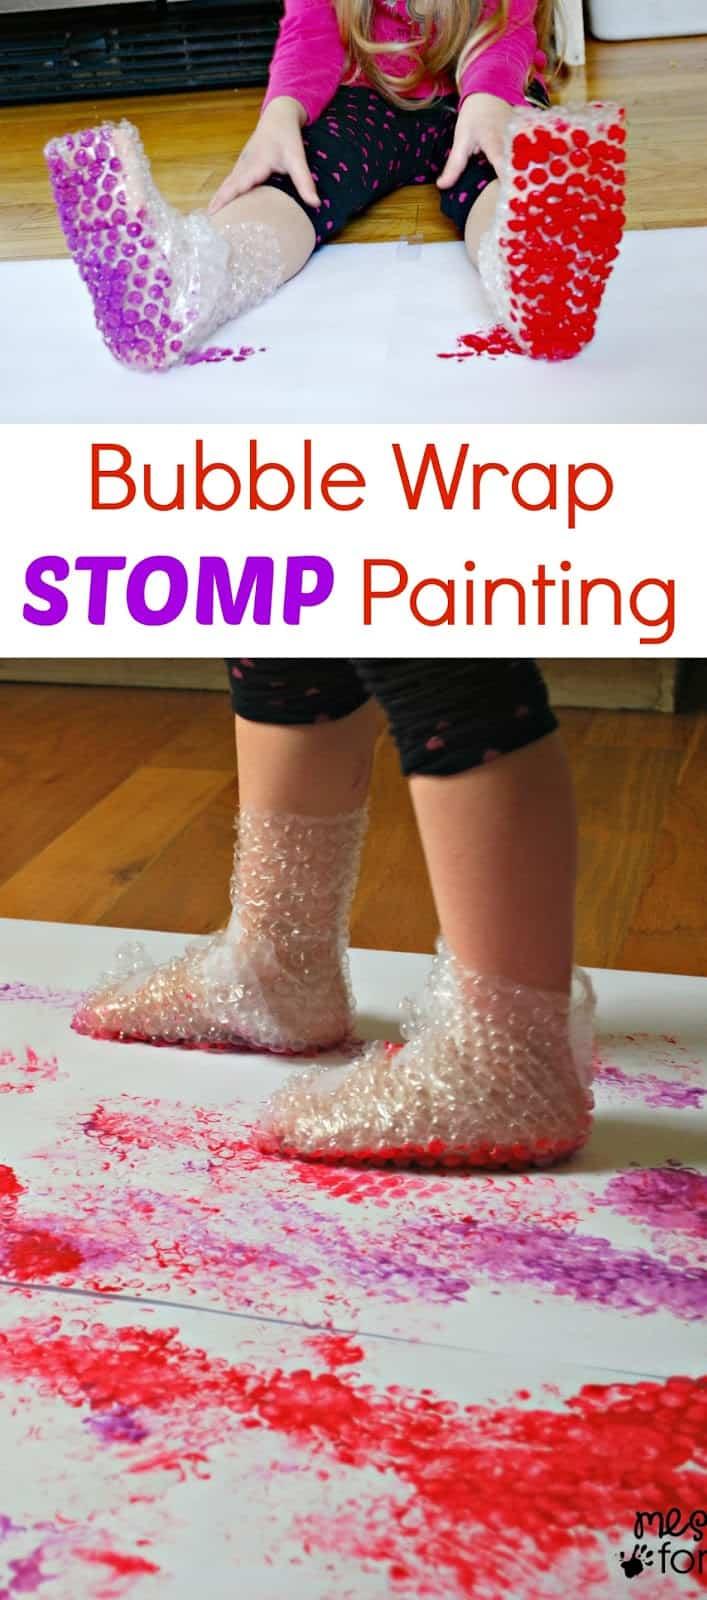 atividades com crianças bolha